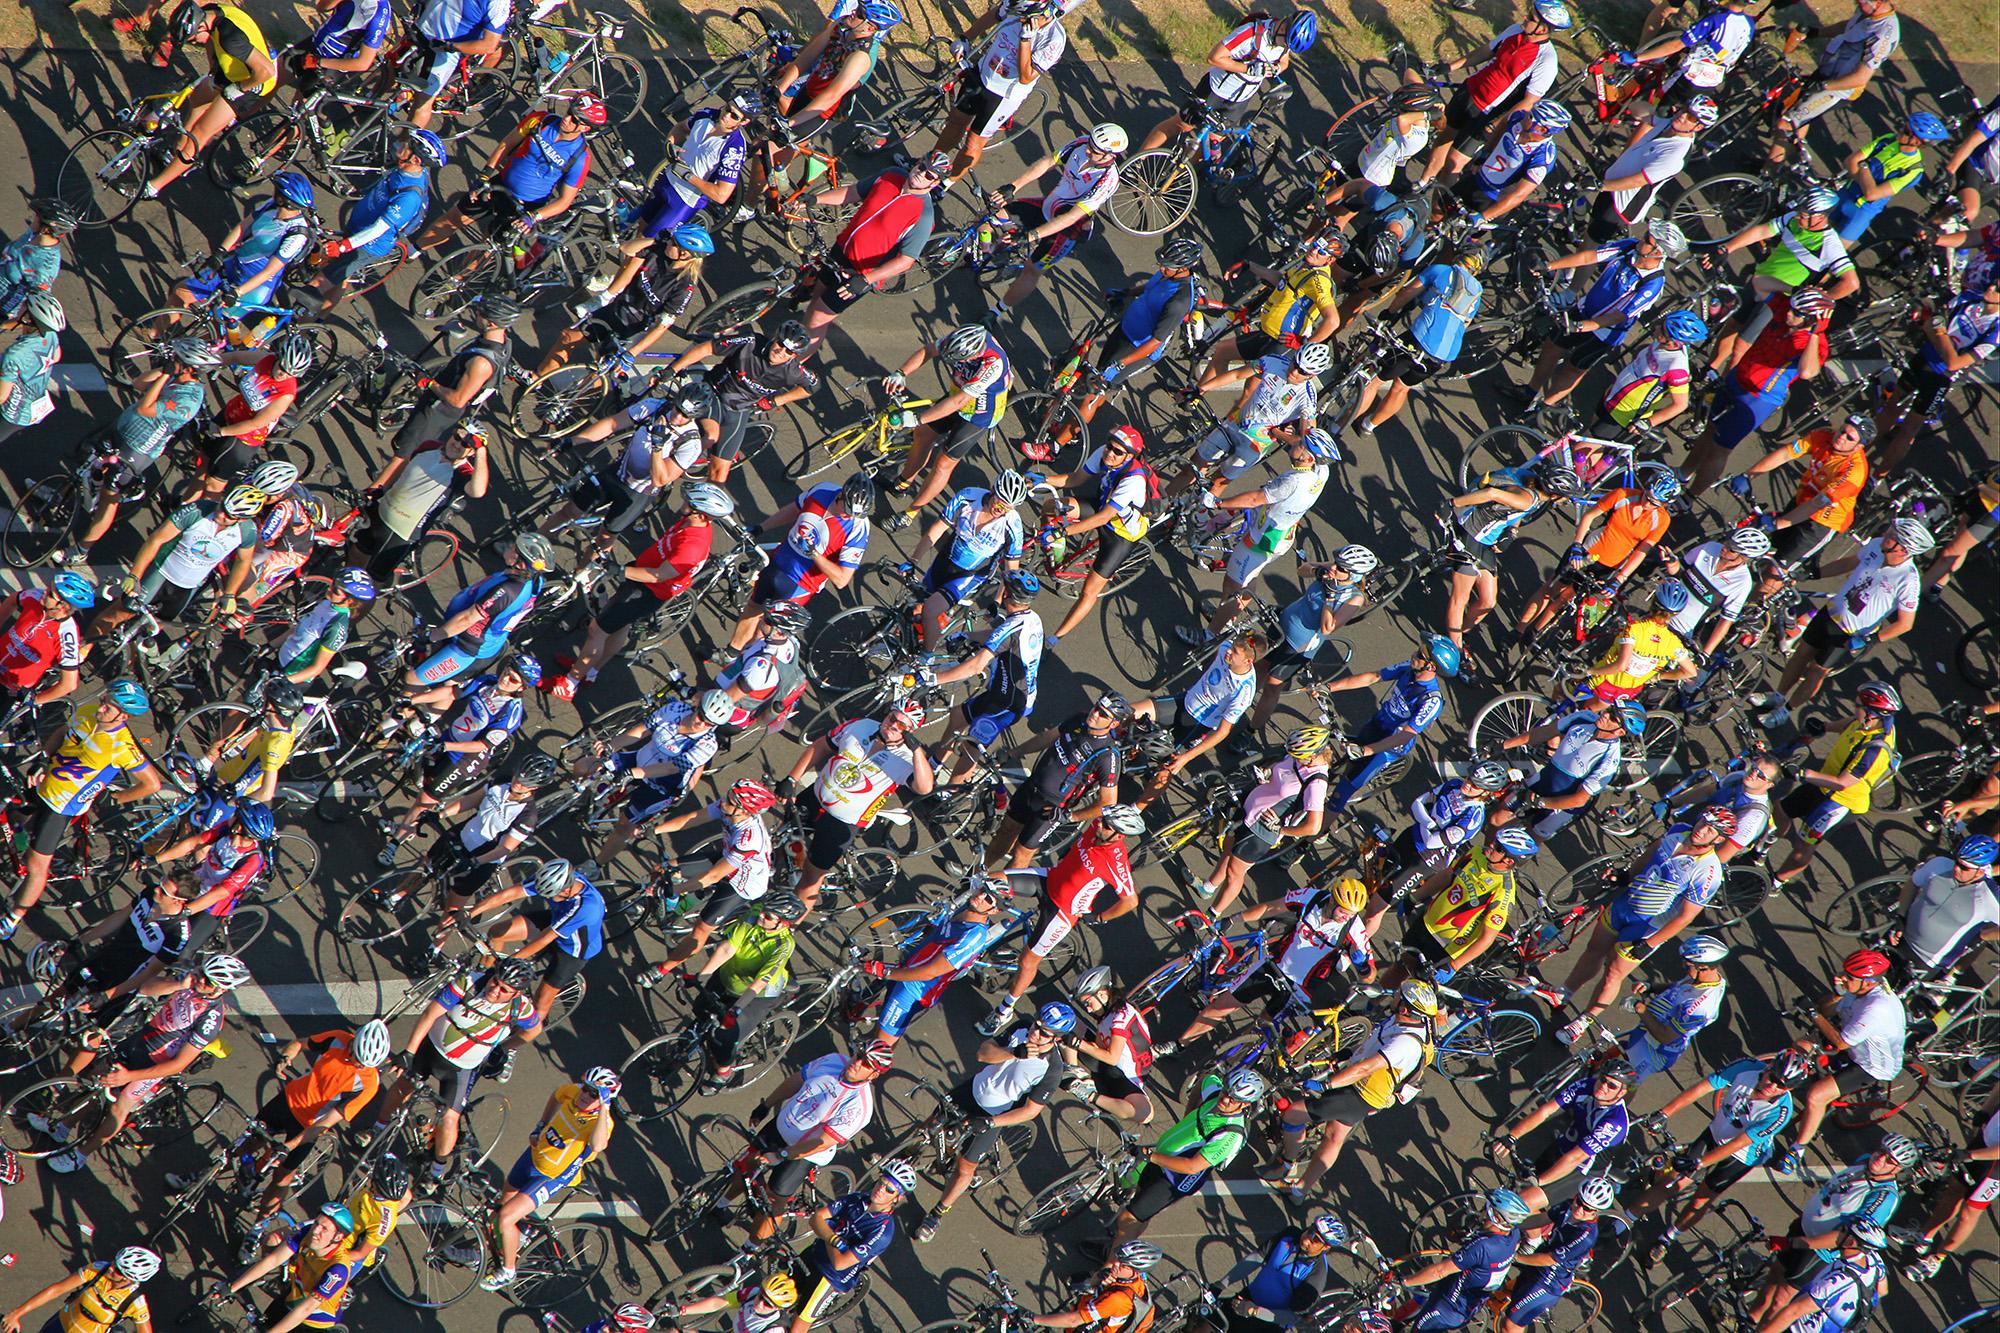 94.7 Cycle Race